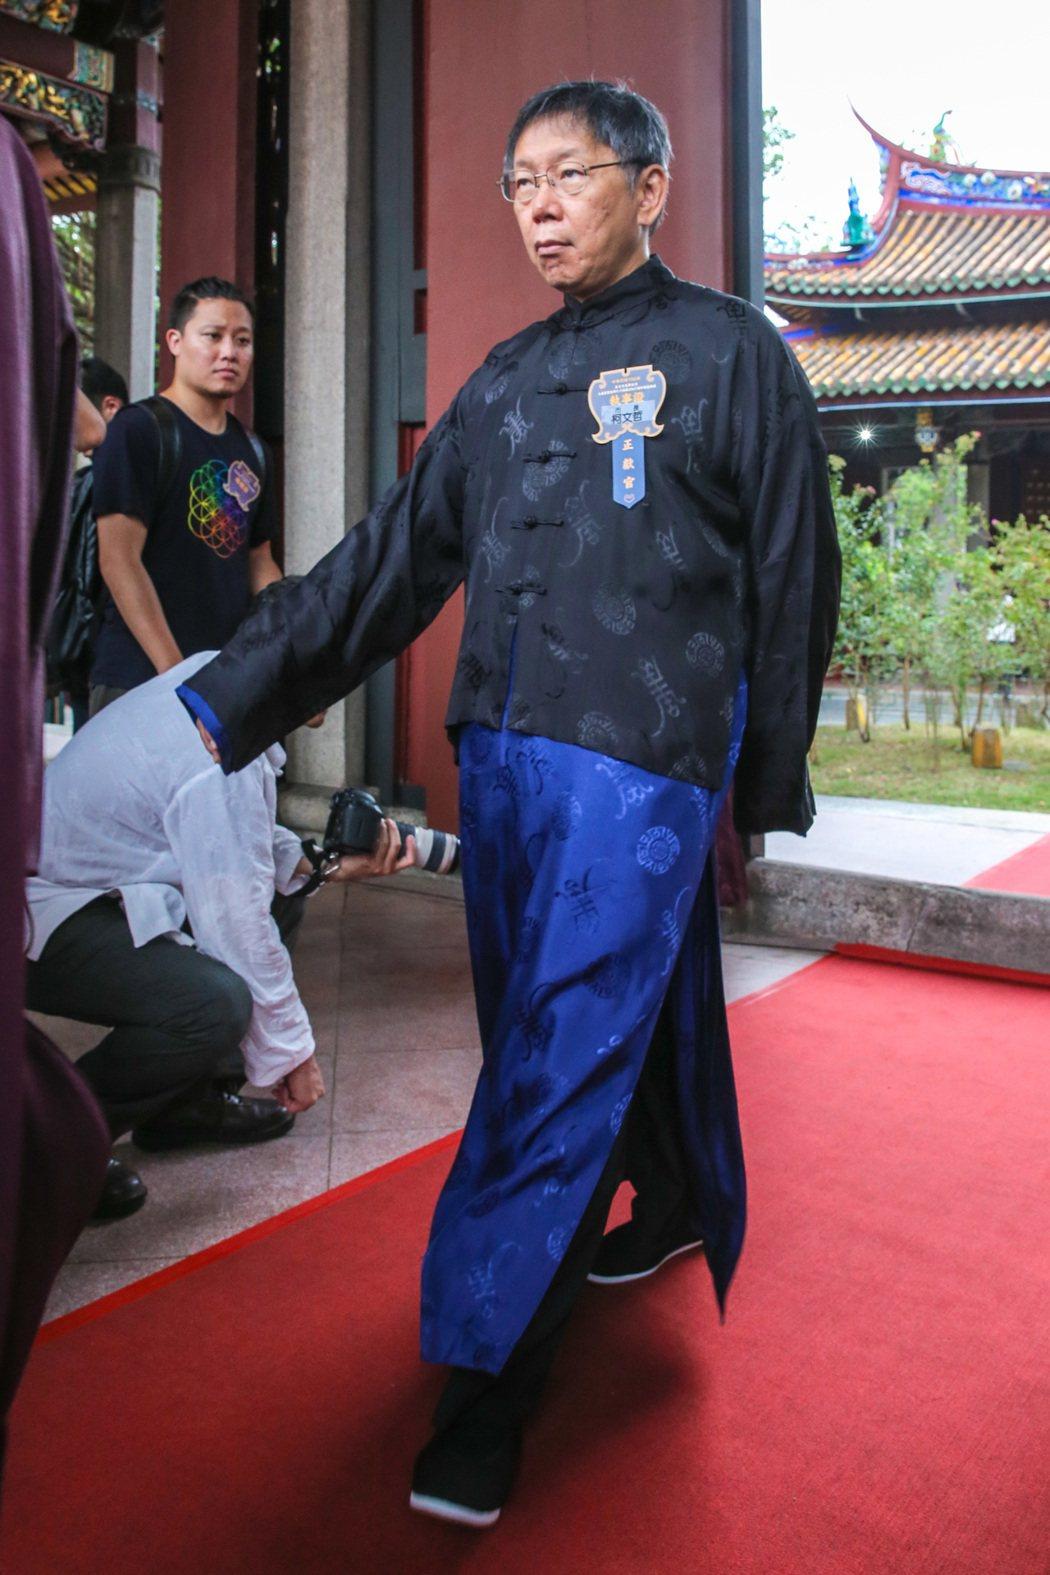 台北市長柯文哲今年首度出席擔任典禮正獻官。記者鄭清元/攝影